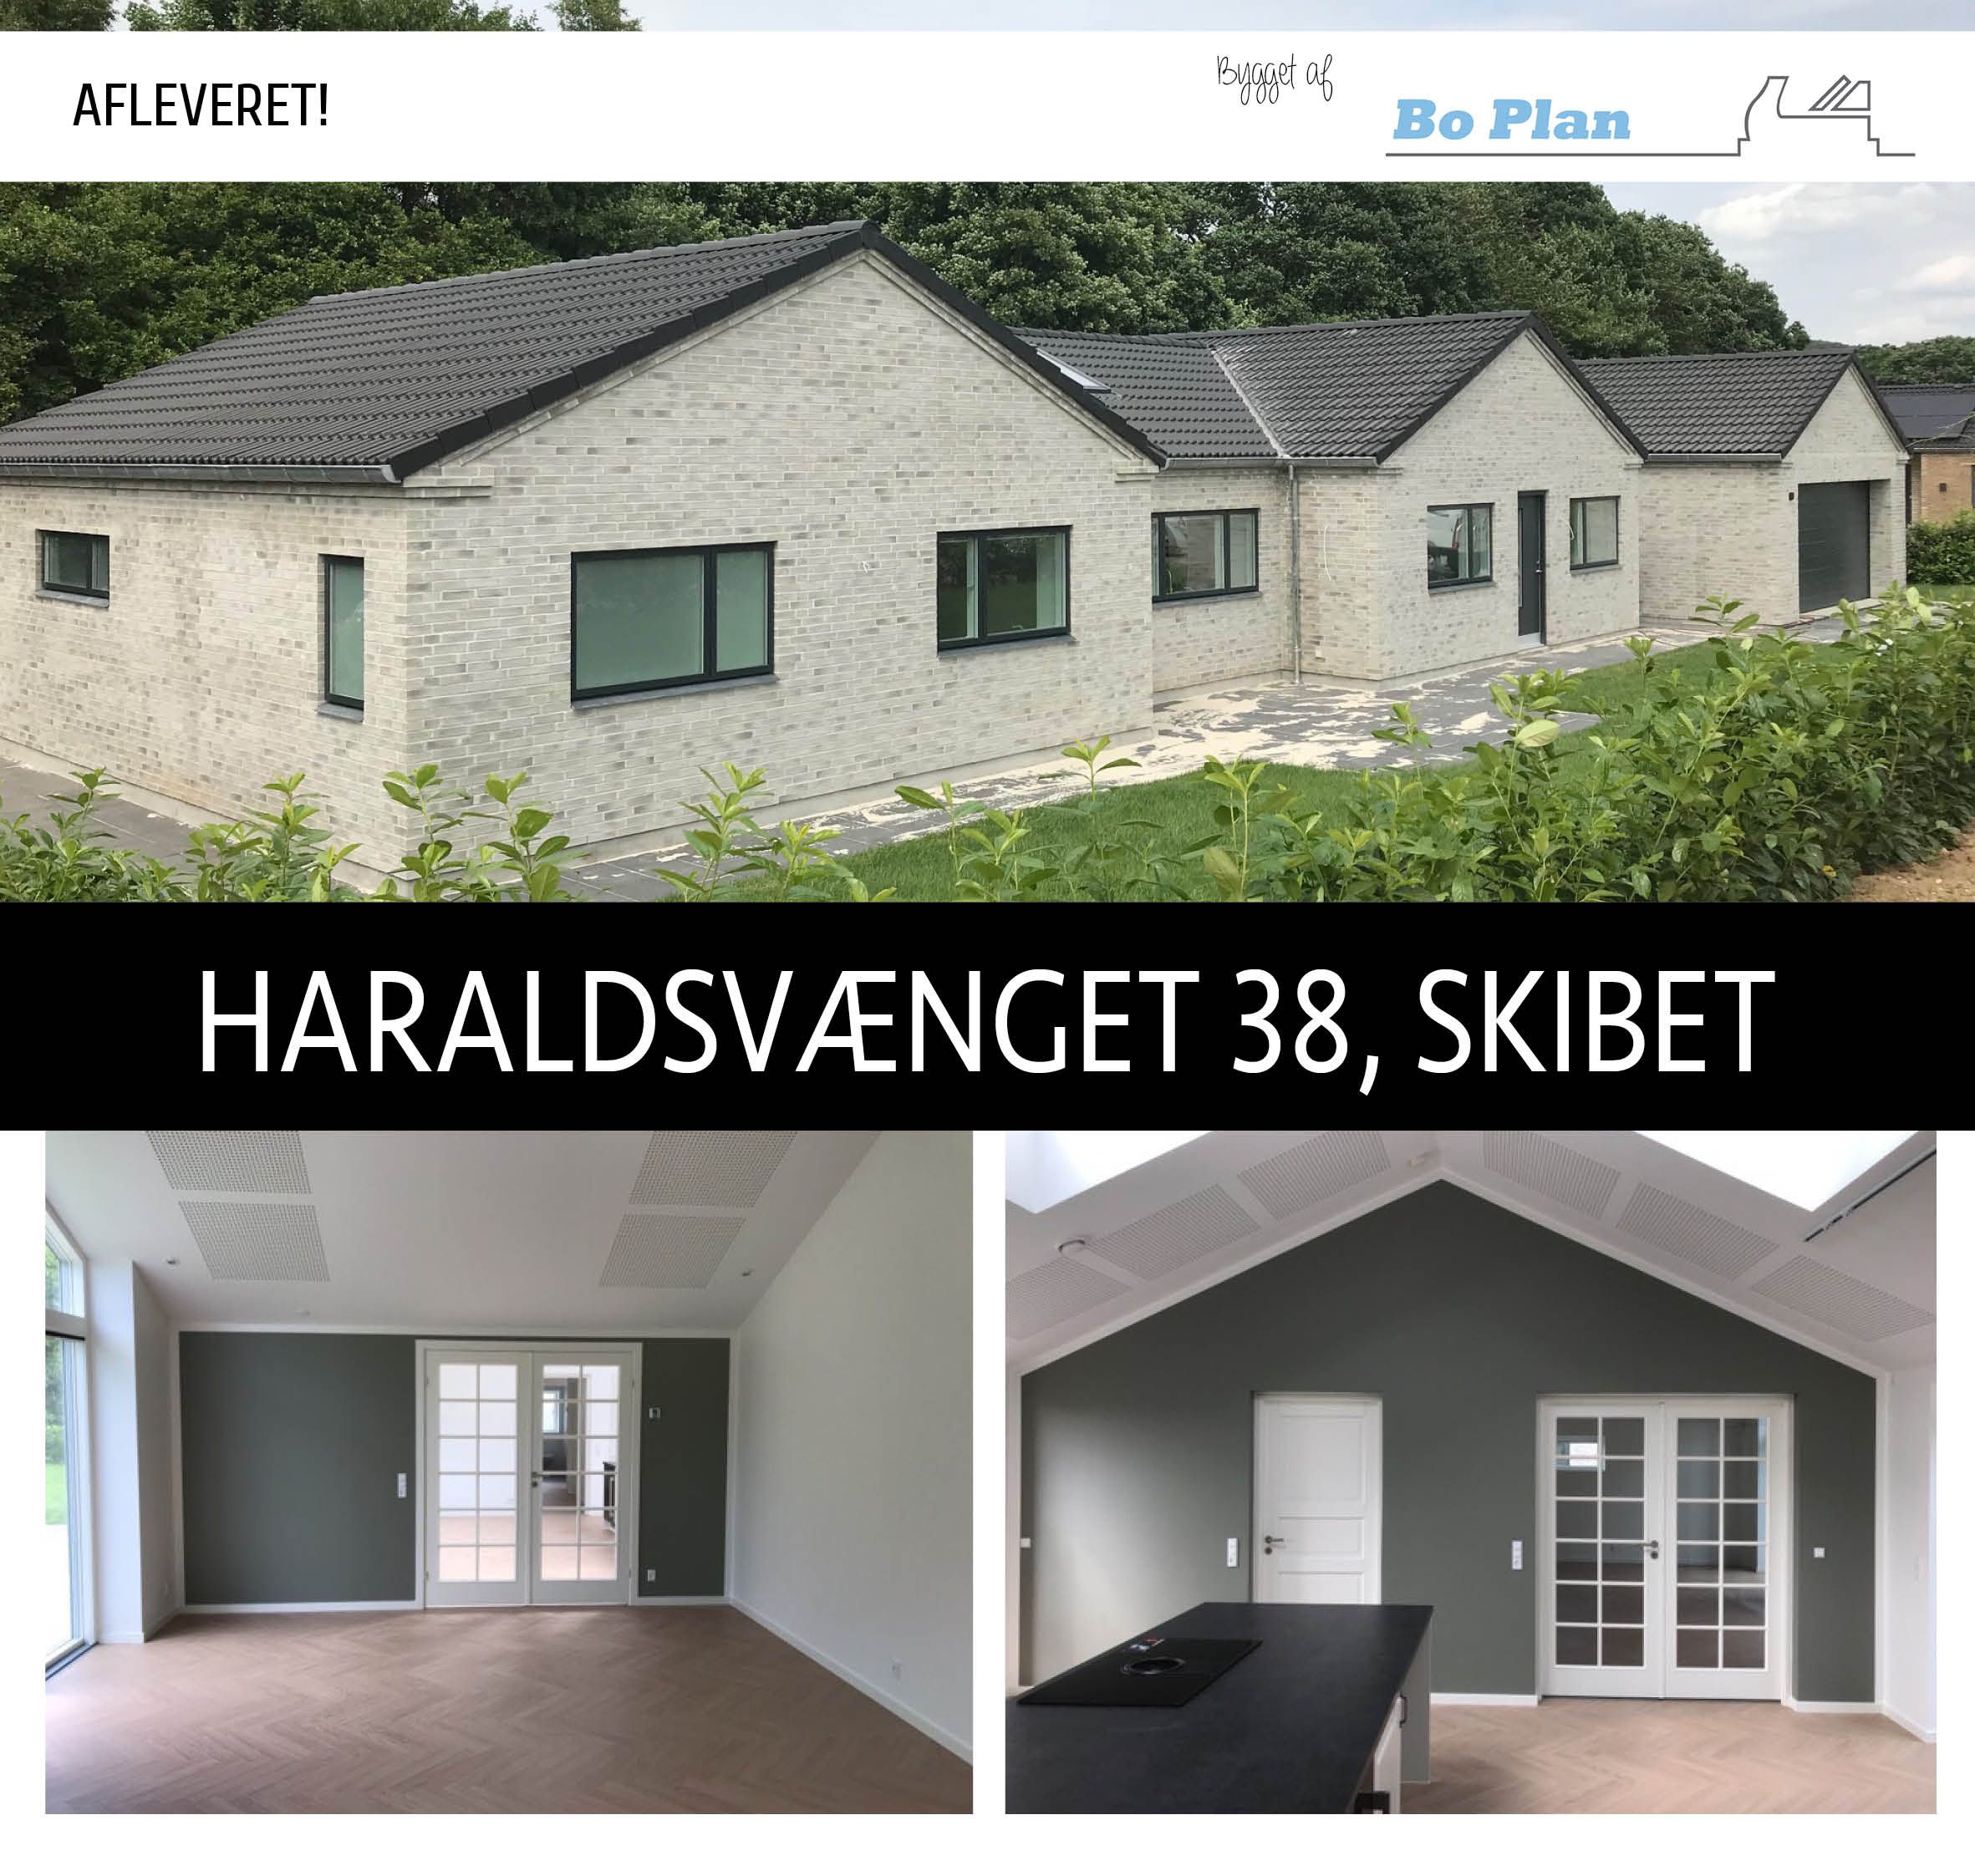 Haraldsvænget_Skibet_afleveret-juni20182